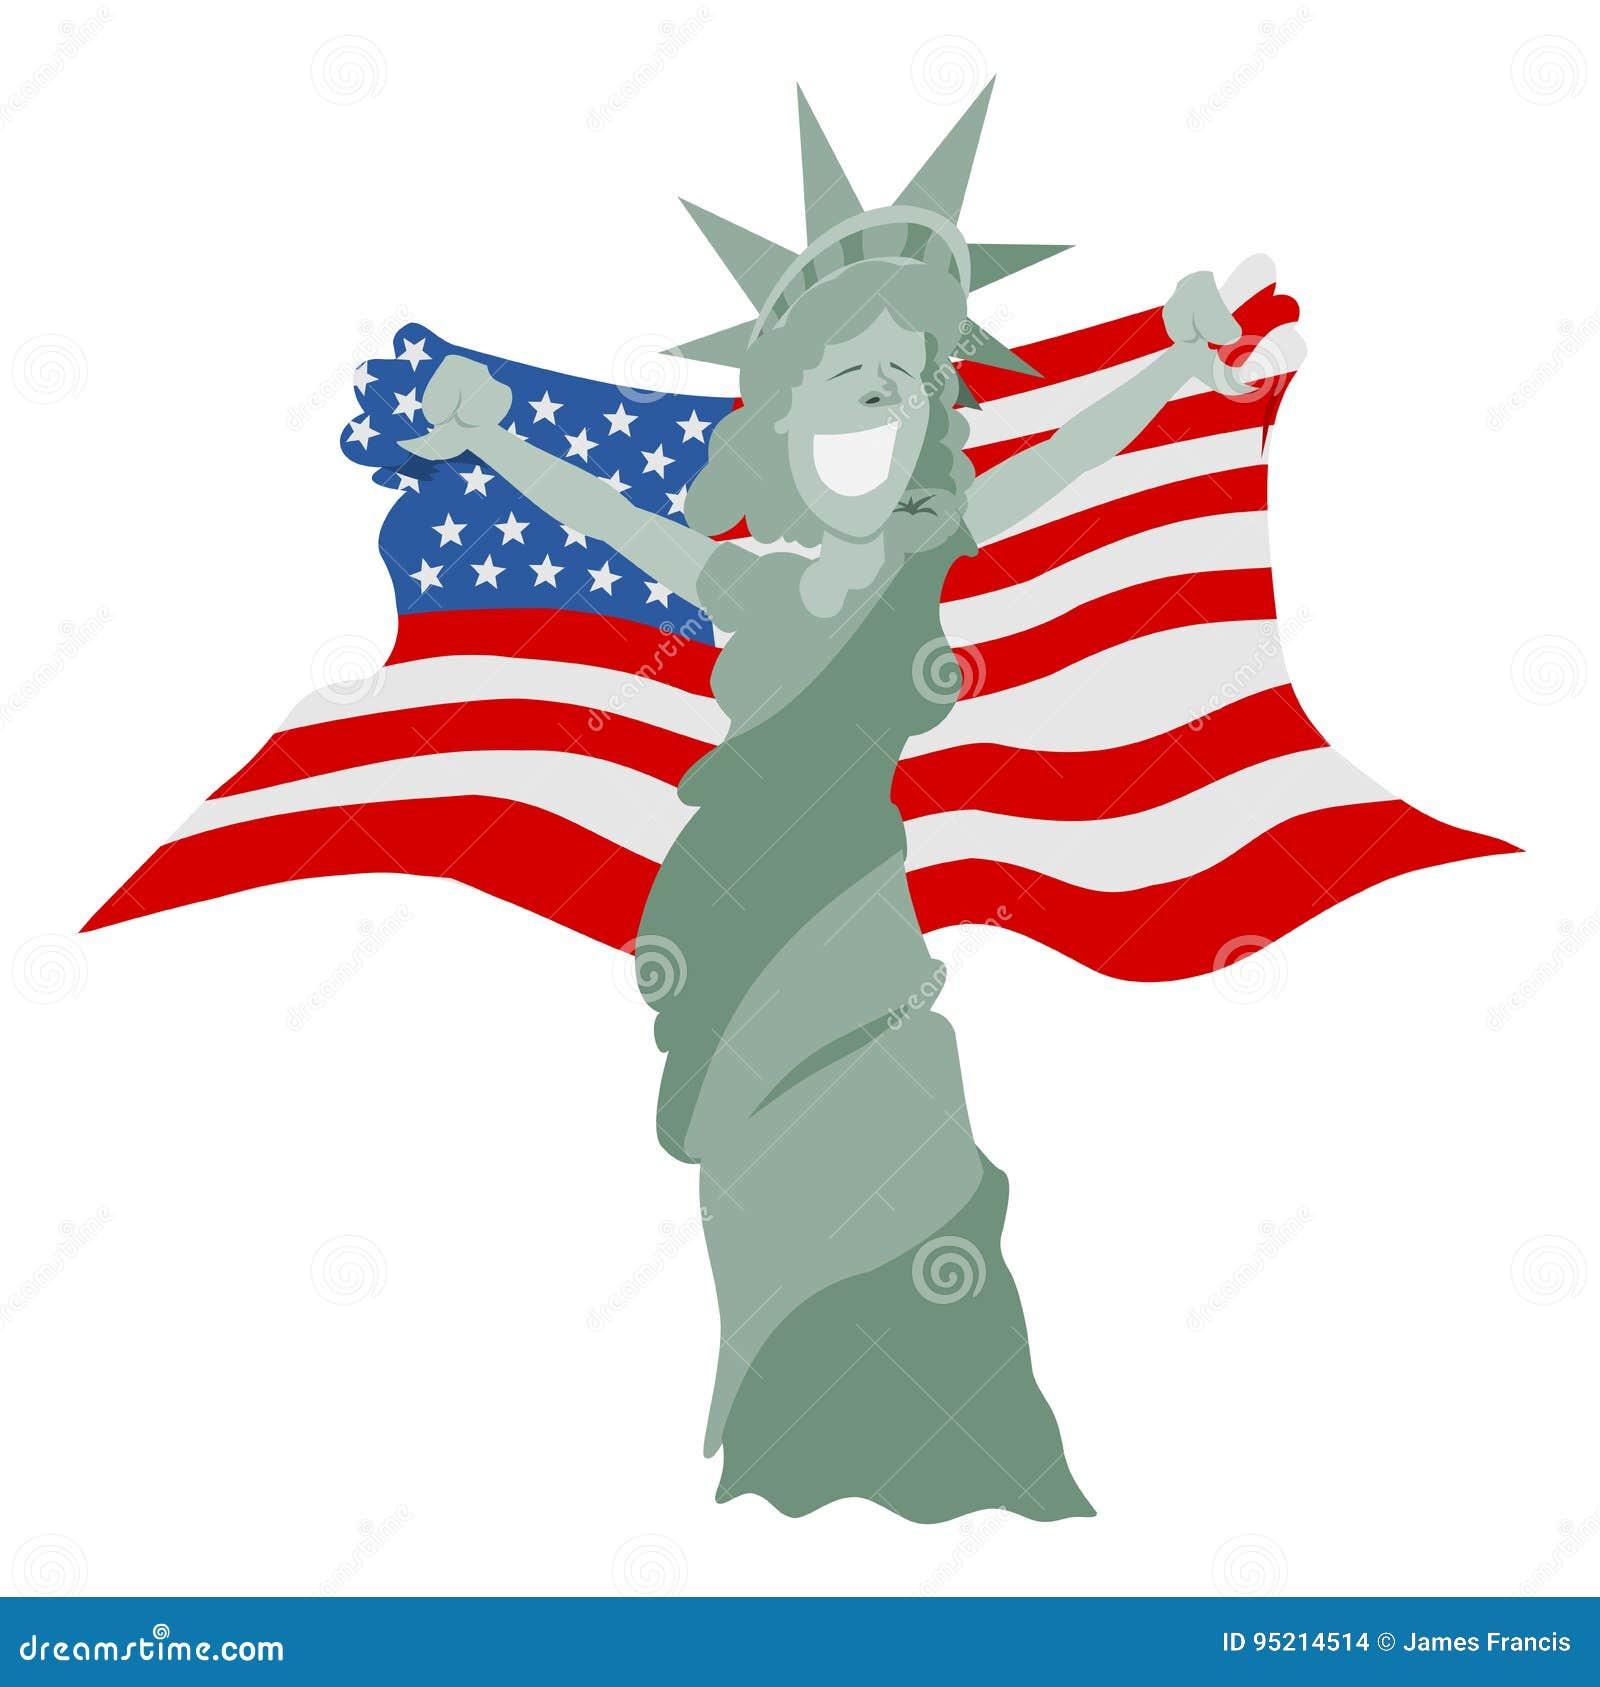 Flag bondage cartoon miss american